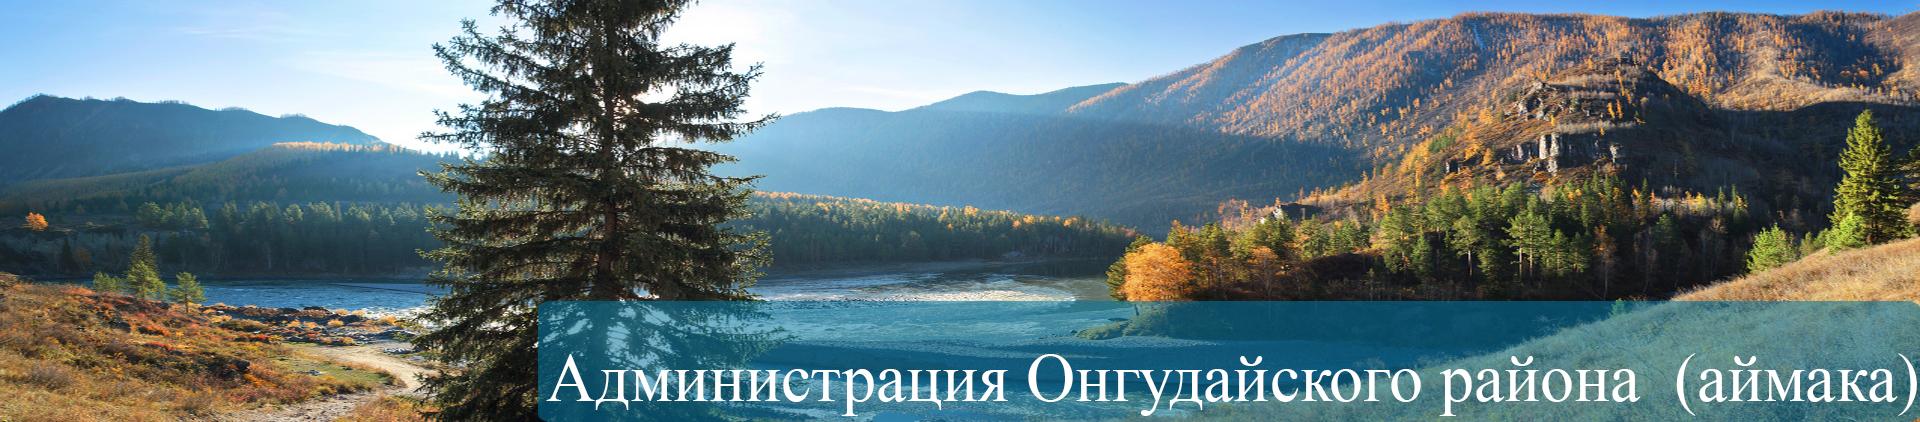 Официальный сайт администрации Онгудайского района